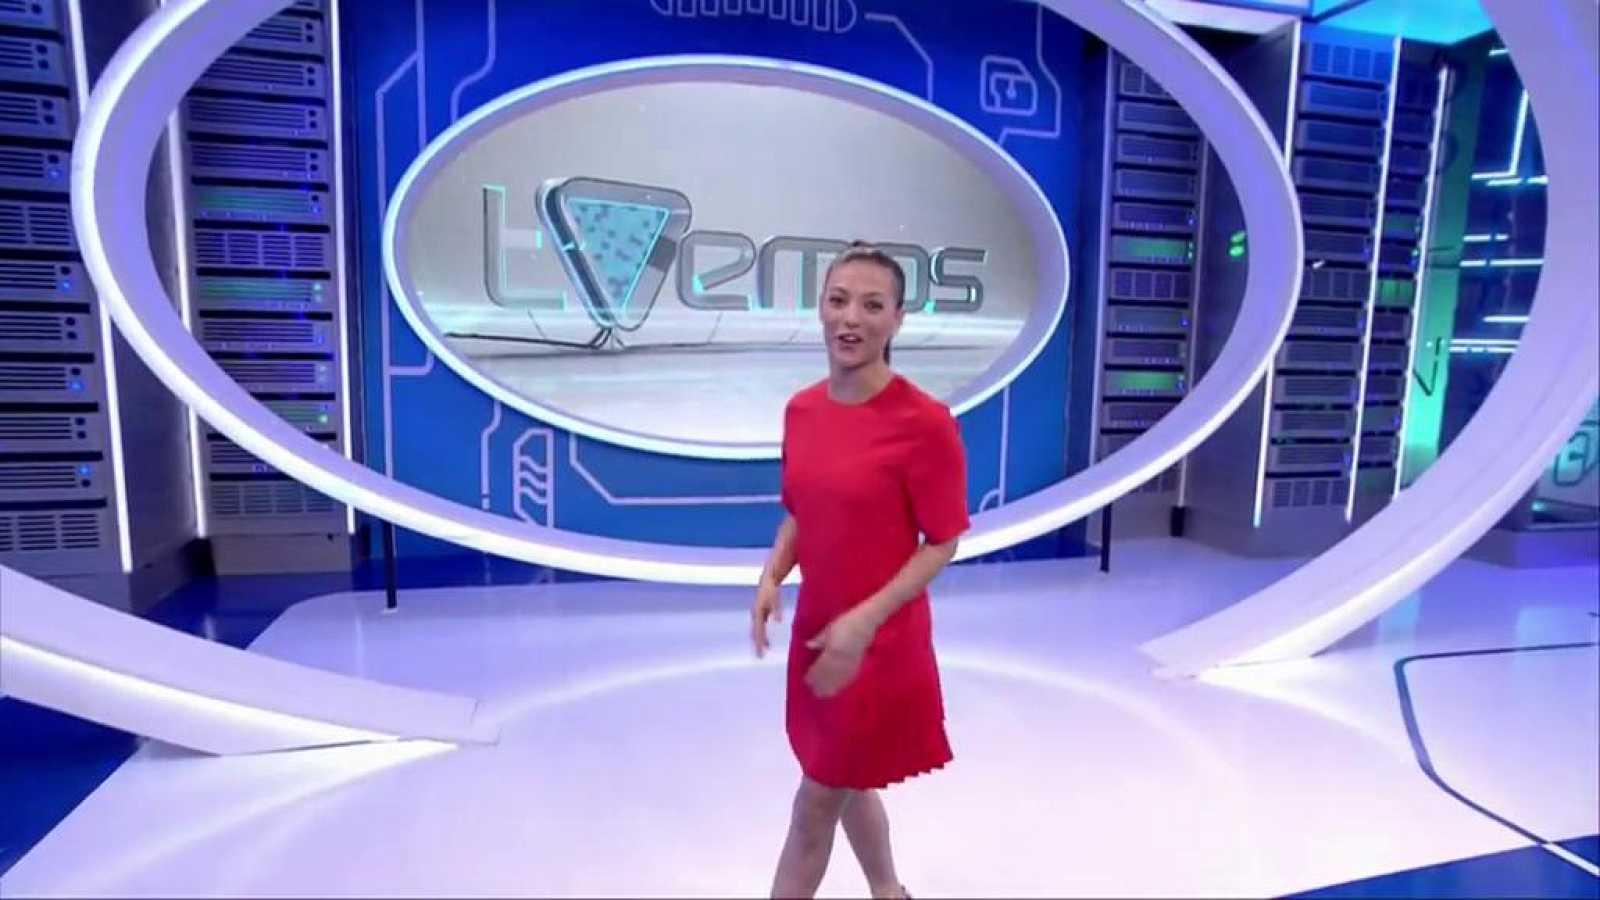 'Tvemos' estrena temporada el lunes 1 de abril